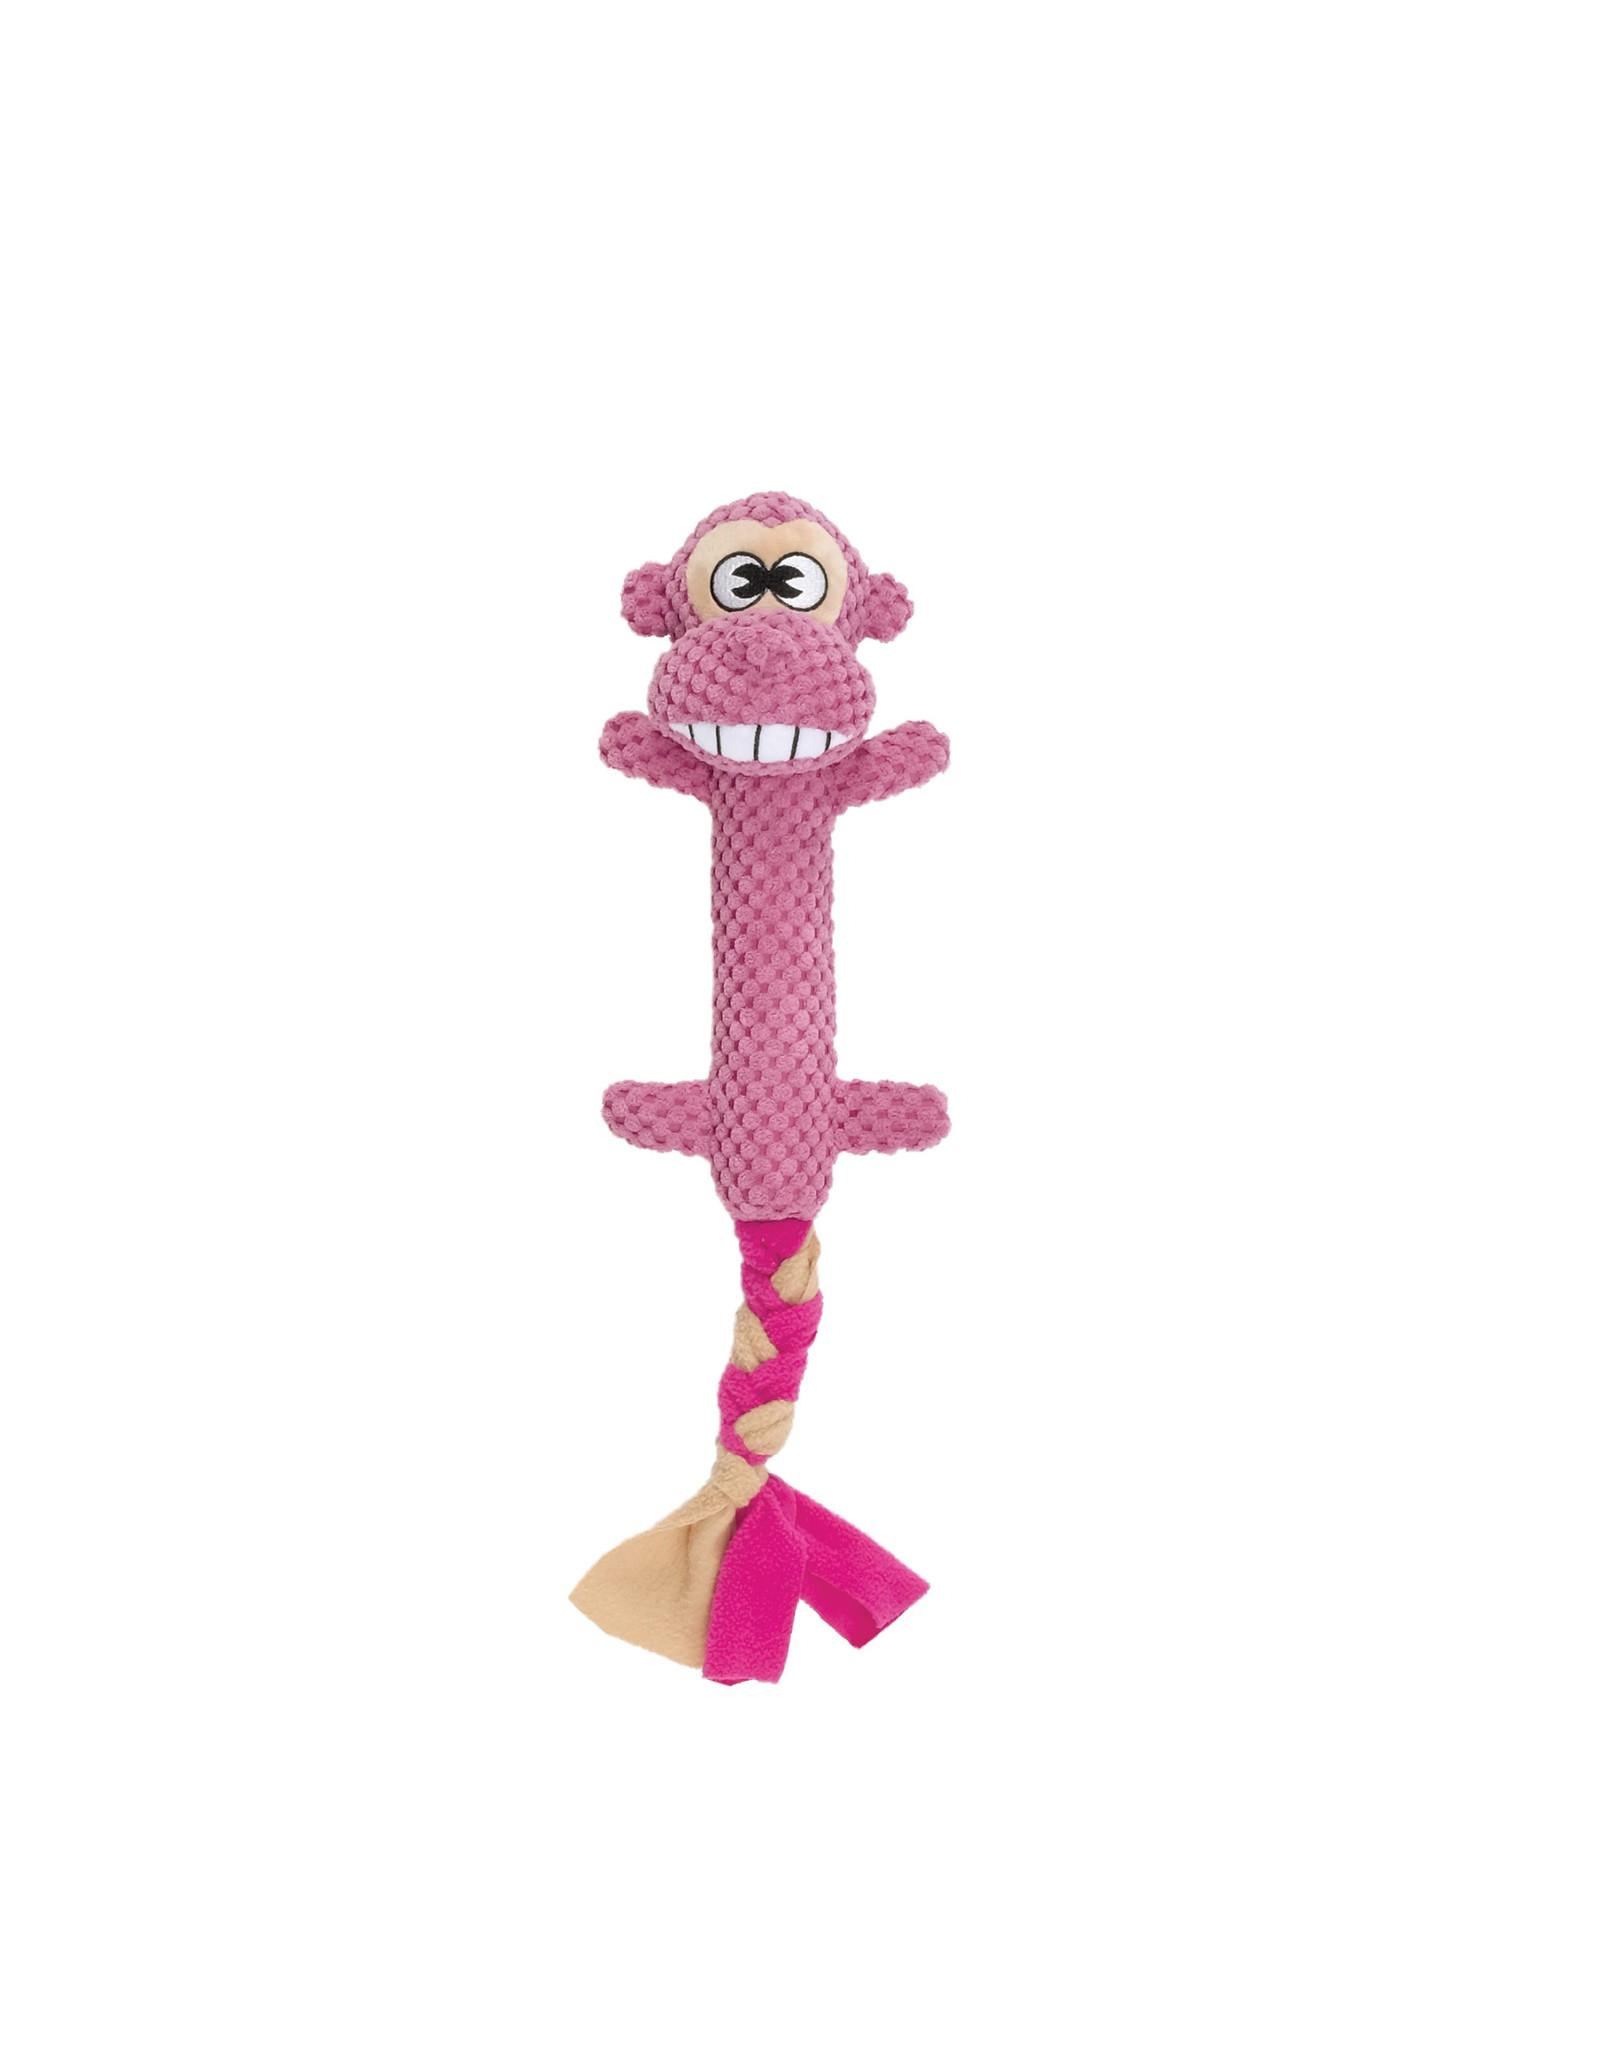 DogIt Dogit Stuffies – Branch Friend - Monkey - 44 cm (17.5 in)